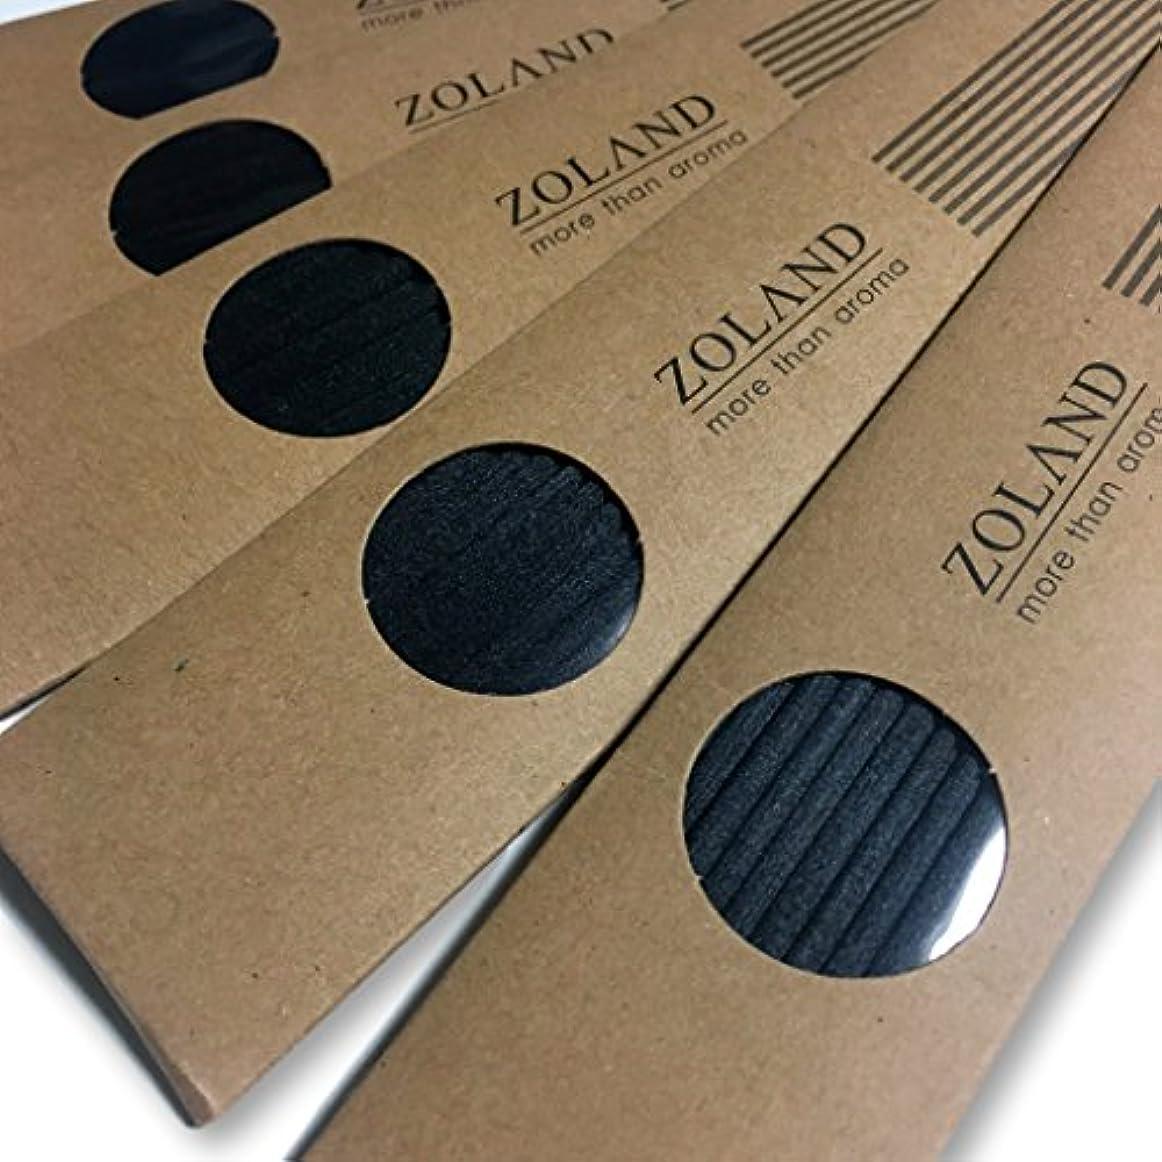 失望計画的ユーザー【YOLO】リードディフューザー 用 リフィル スティック/ブラック 24cm×3mm 10本入×5セット (ブラック)